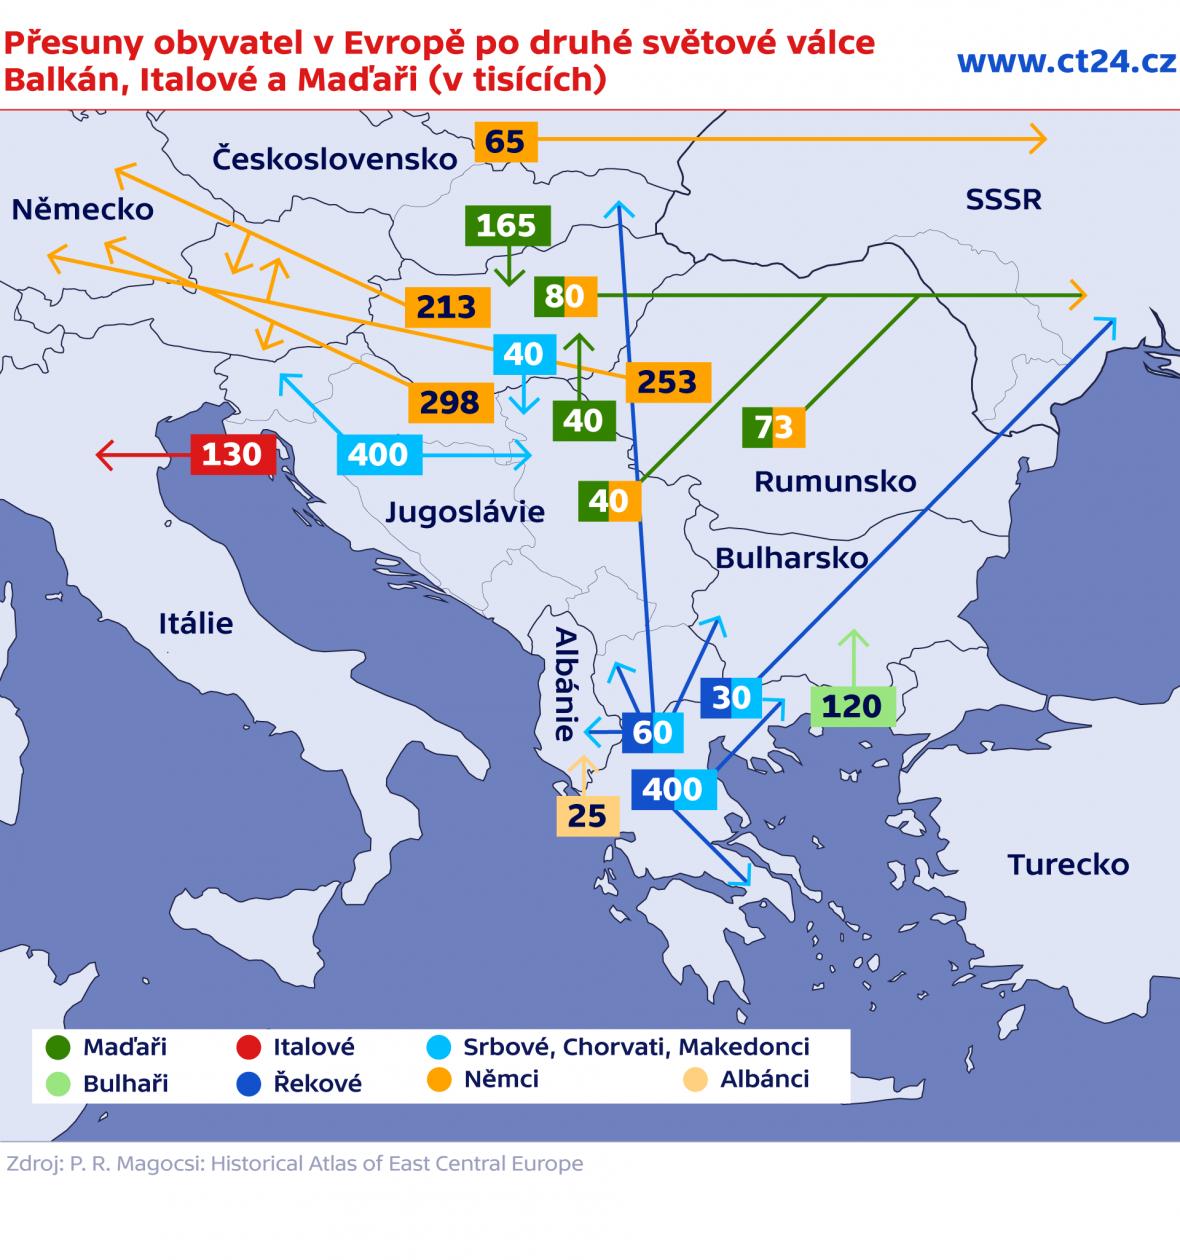 Přesuny obyvatel v Evropě po druhé světové válce – Balkán, Italové a Maďaři (v tisících)